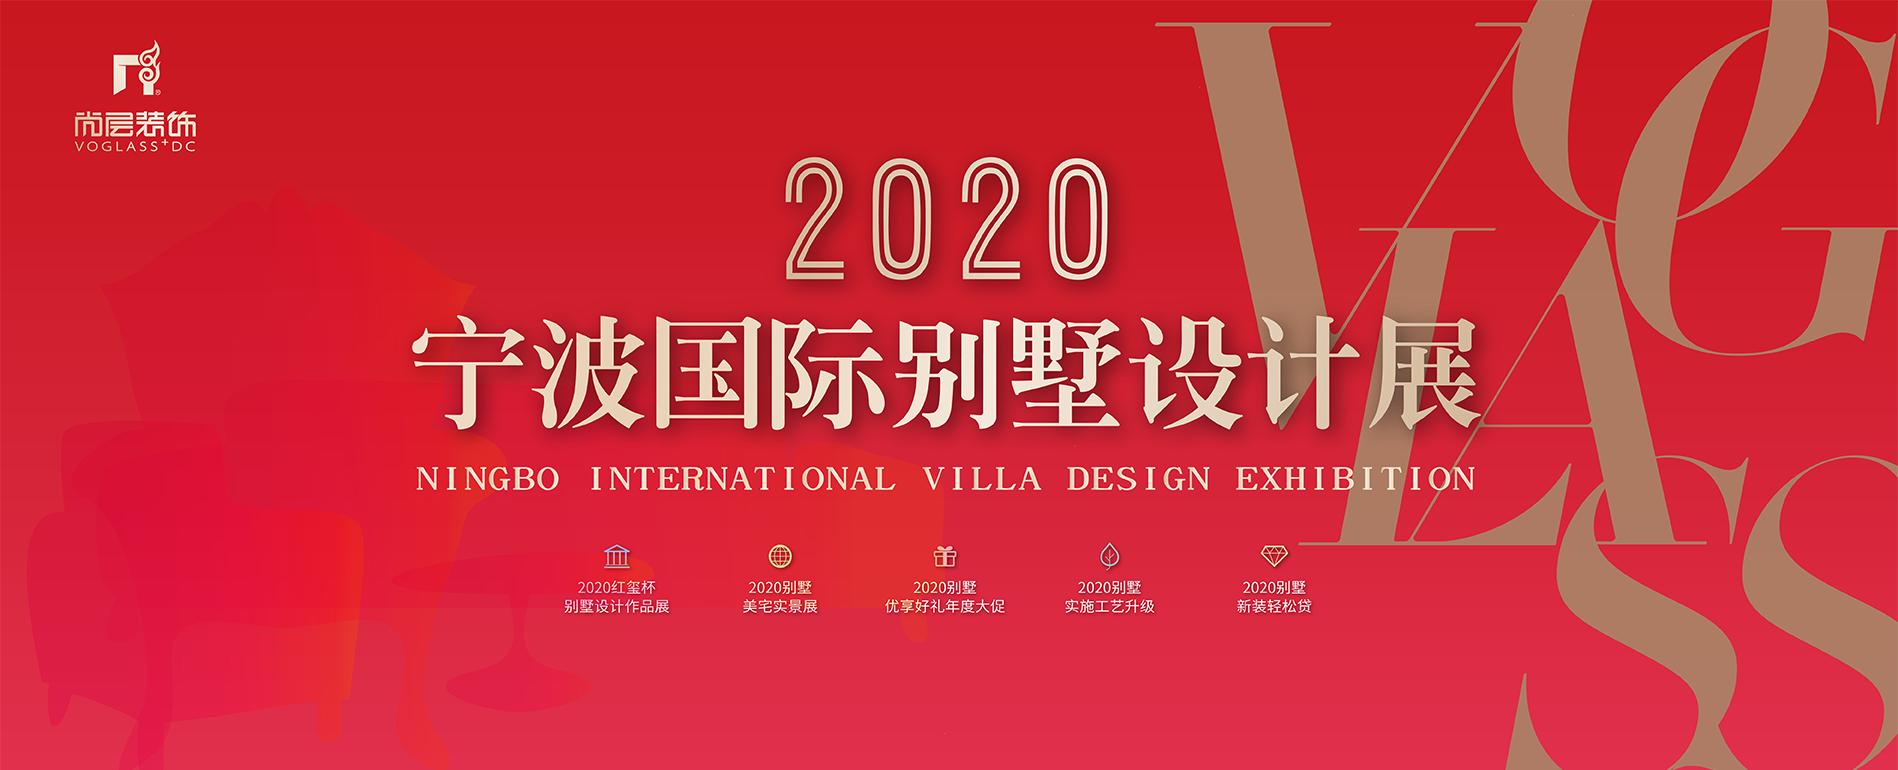 2020寧波國際別墅設計展